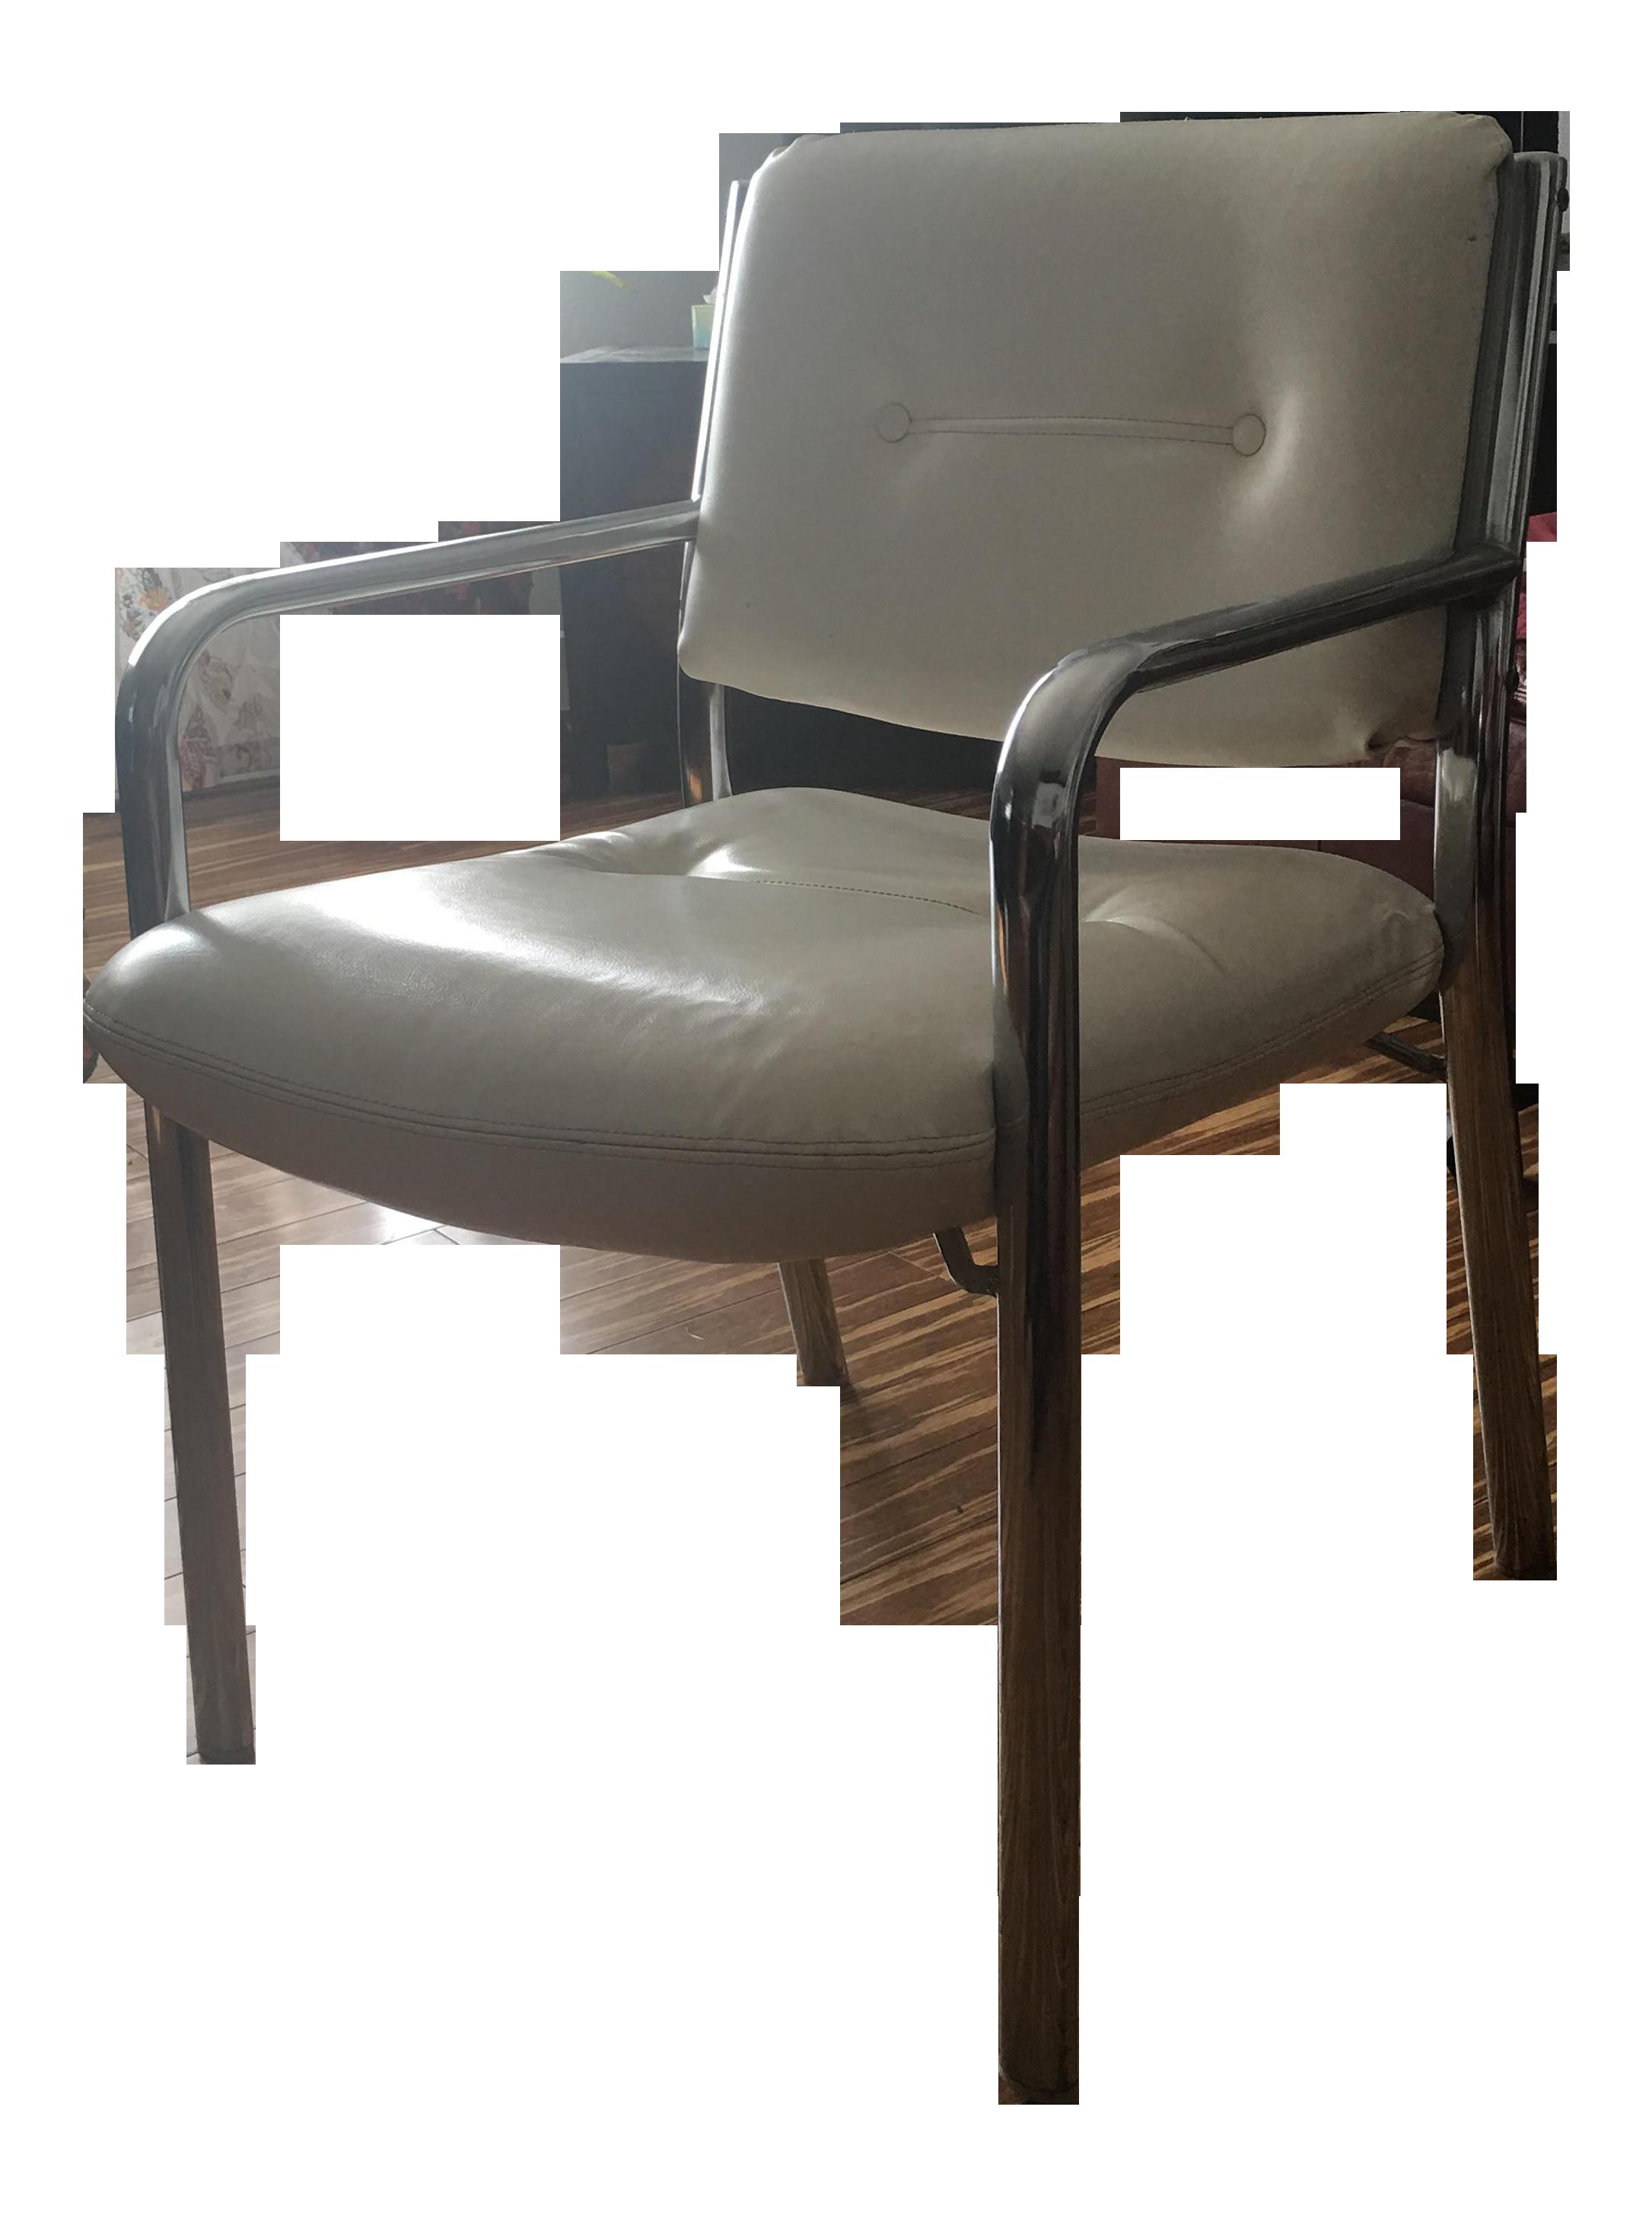 1970s Modern Milo Baughman Chrome Tubular Chair For Sale